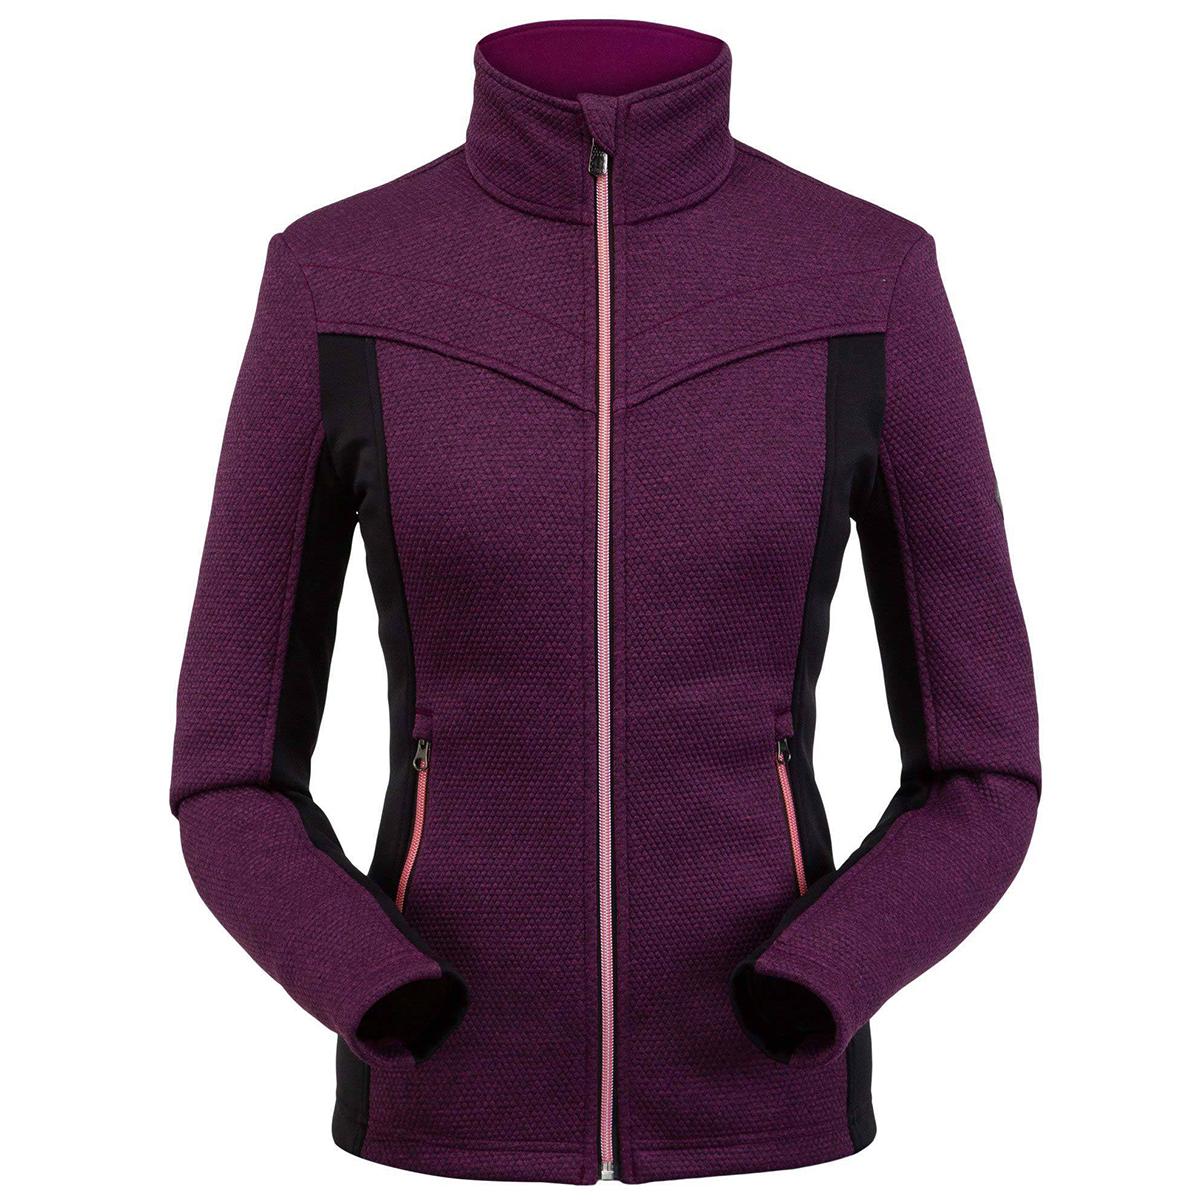 Spyder Women's Encore Full Zip Fleece Jacket - Purple, S